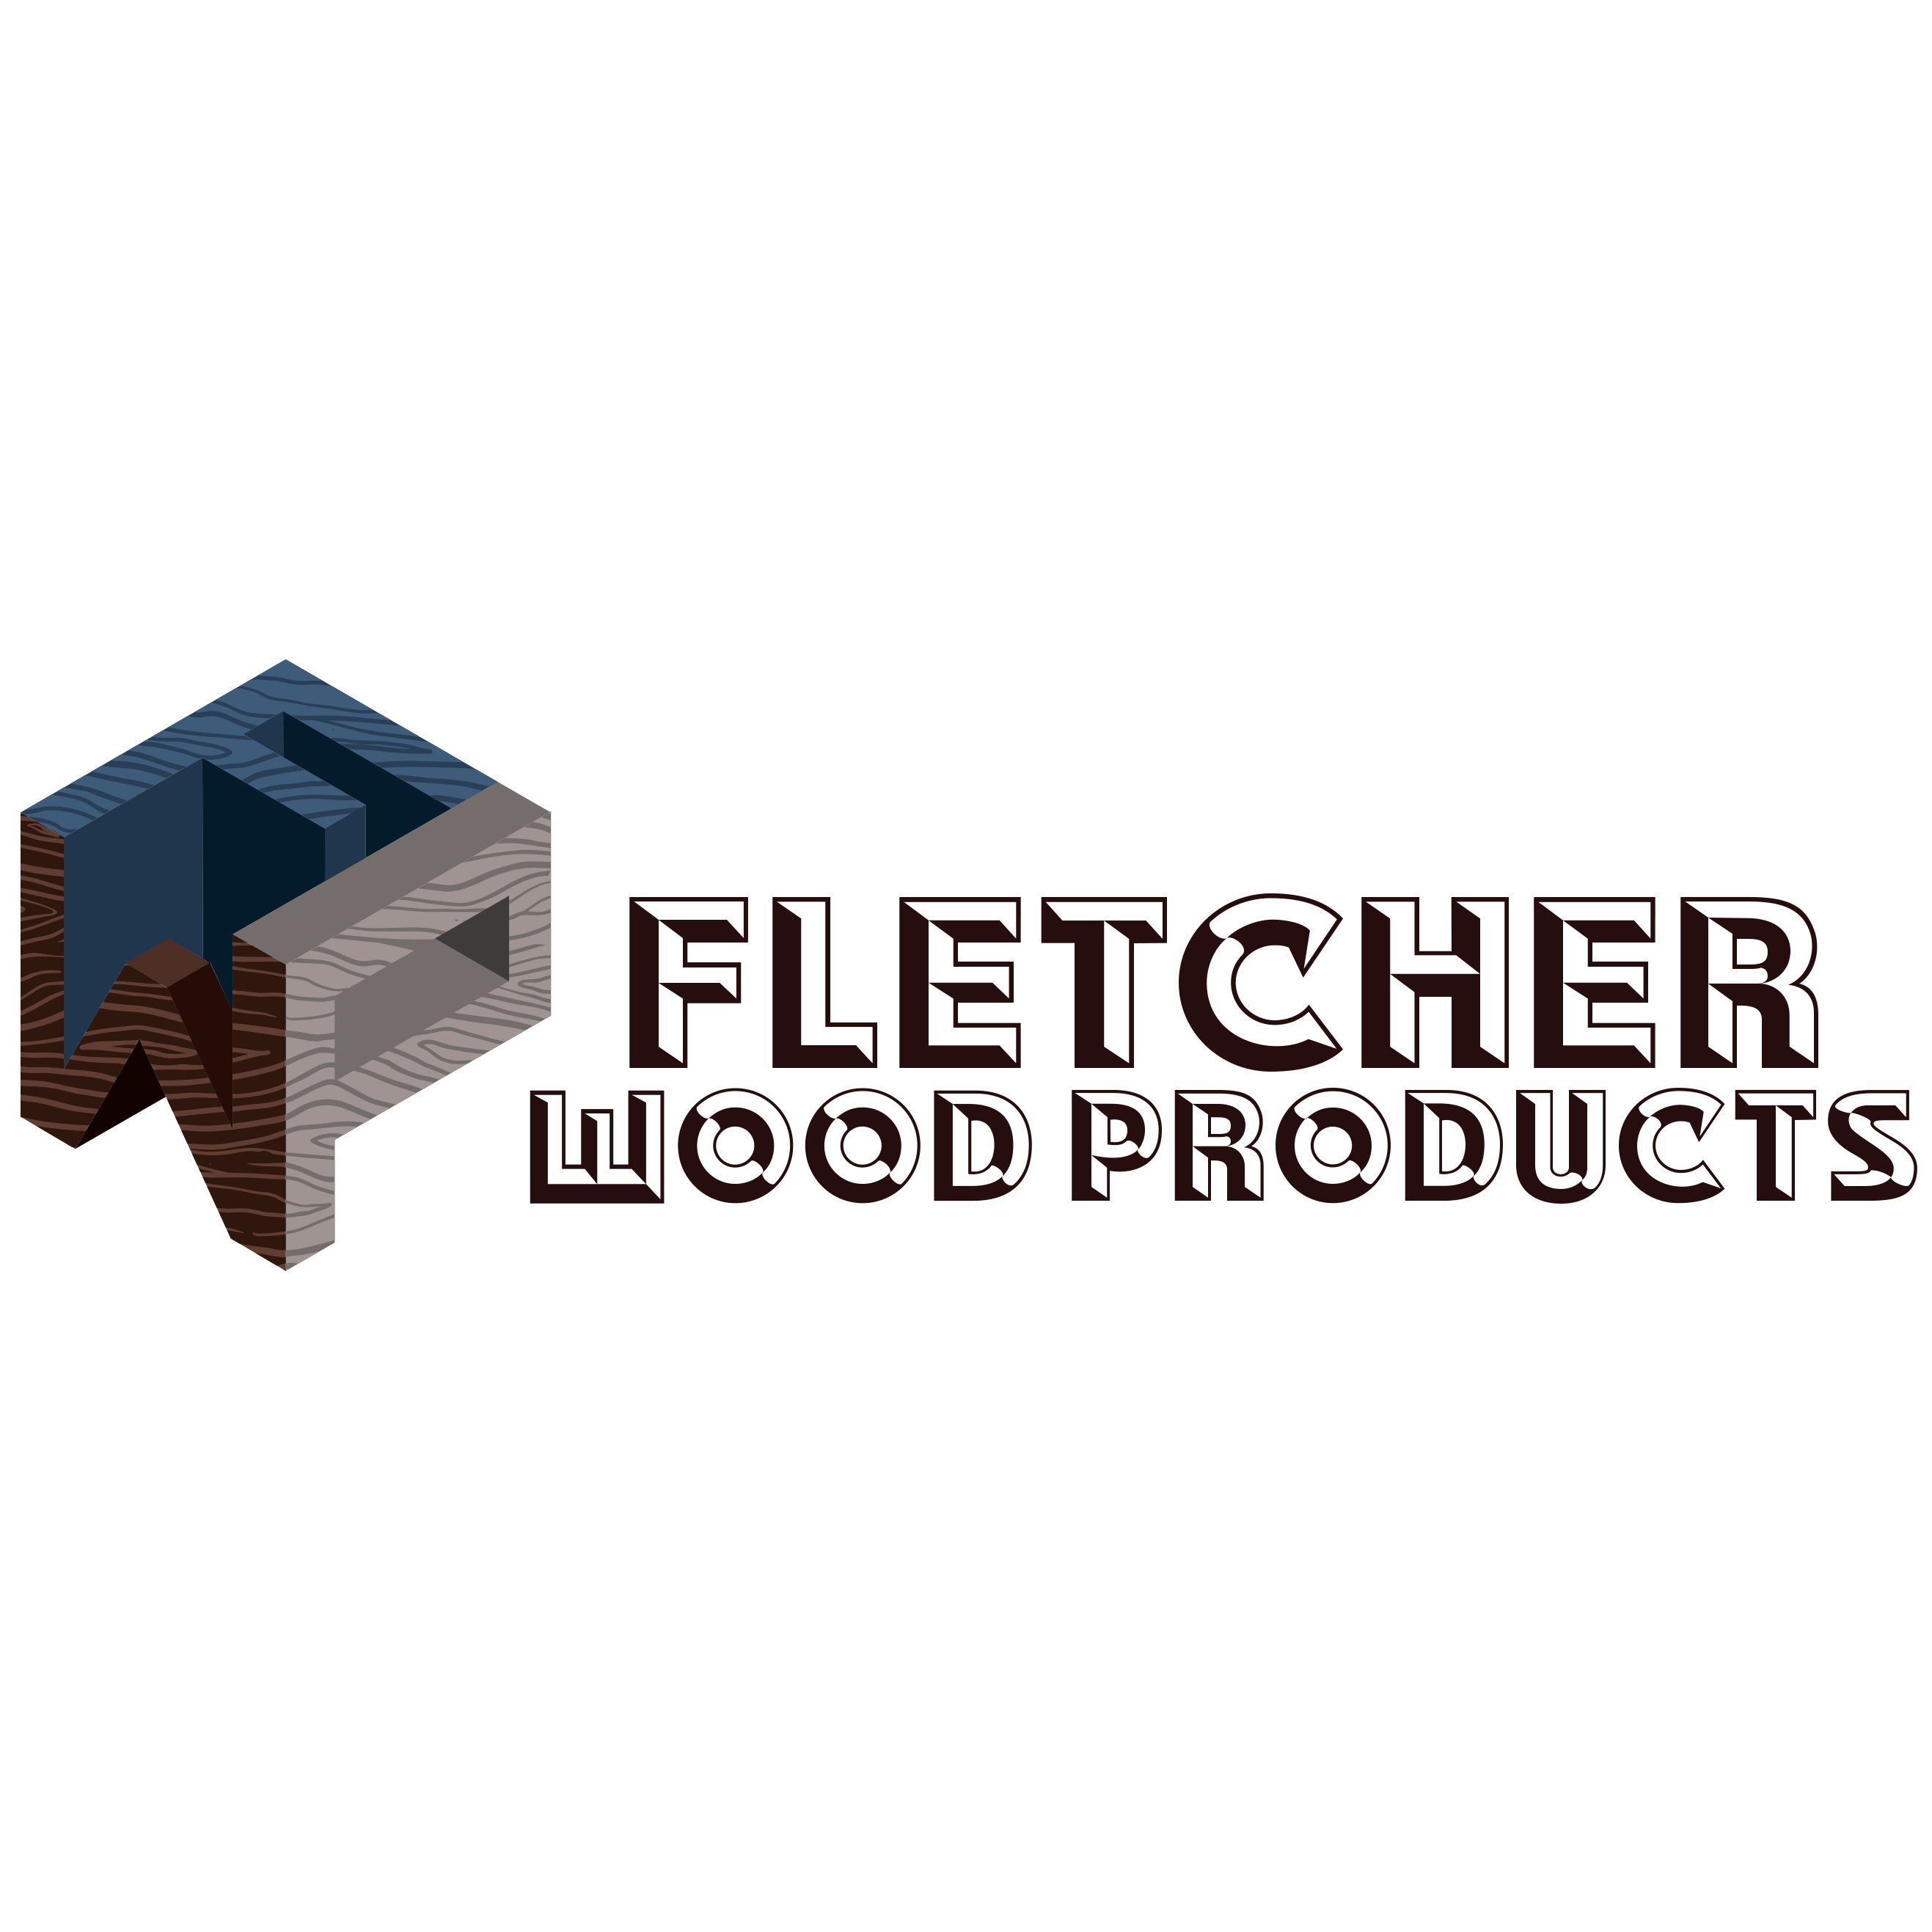 Fletcher Wood Products Inc.